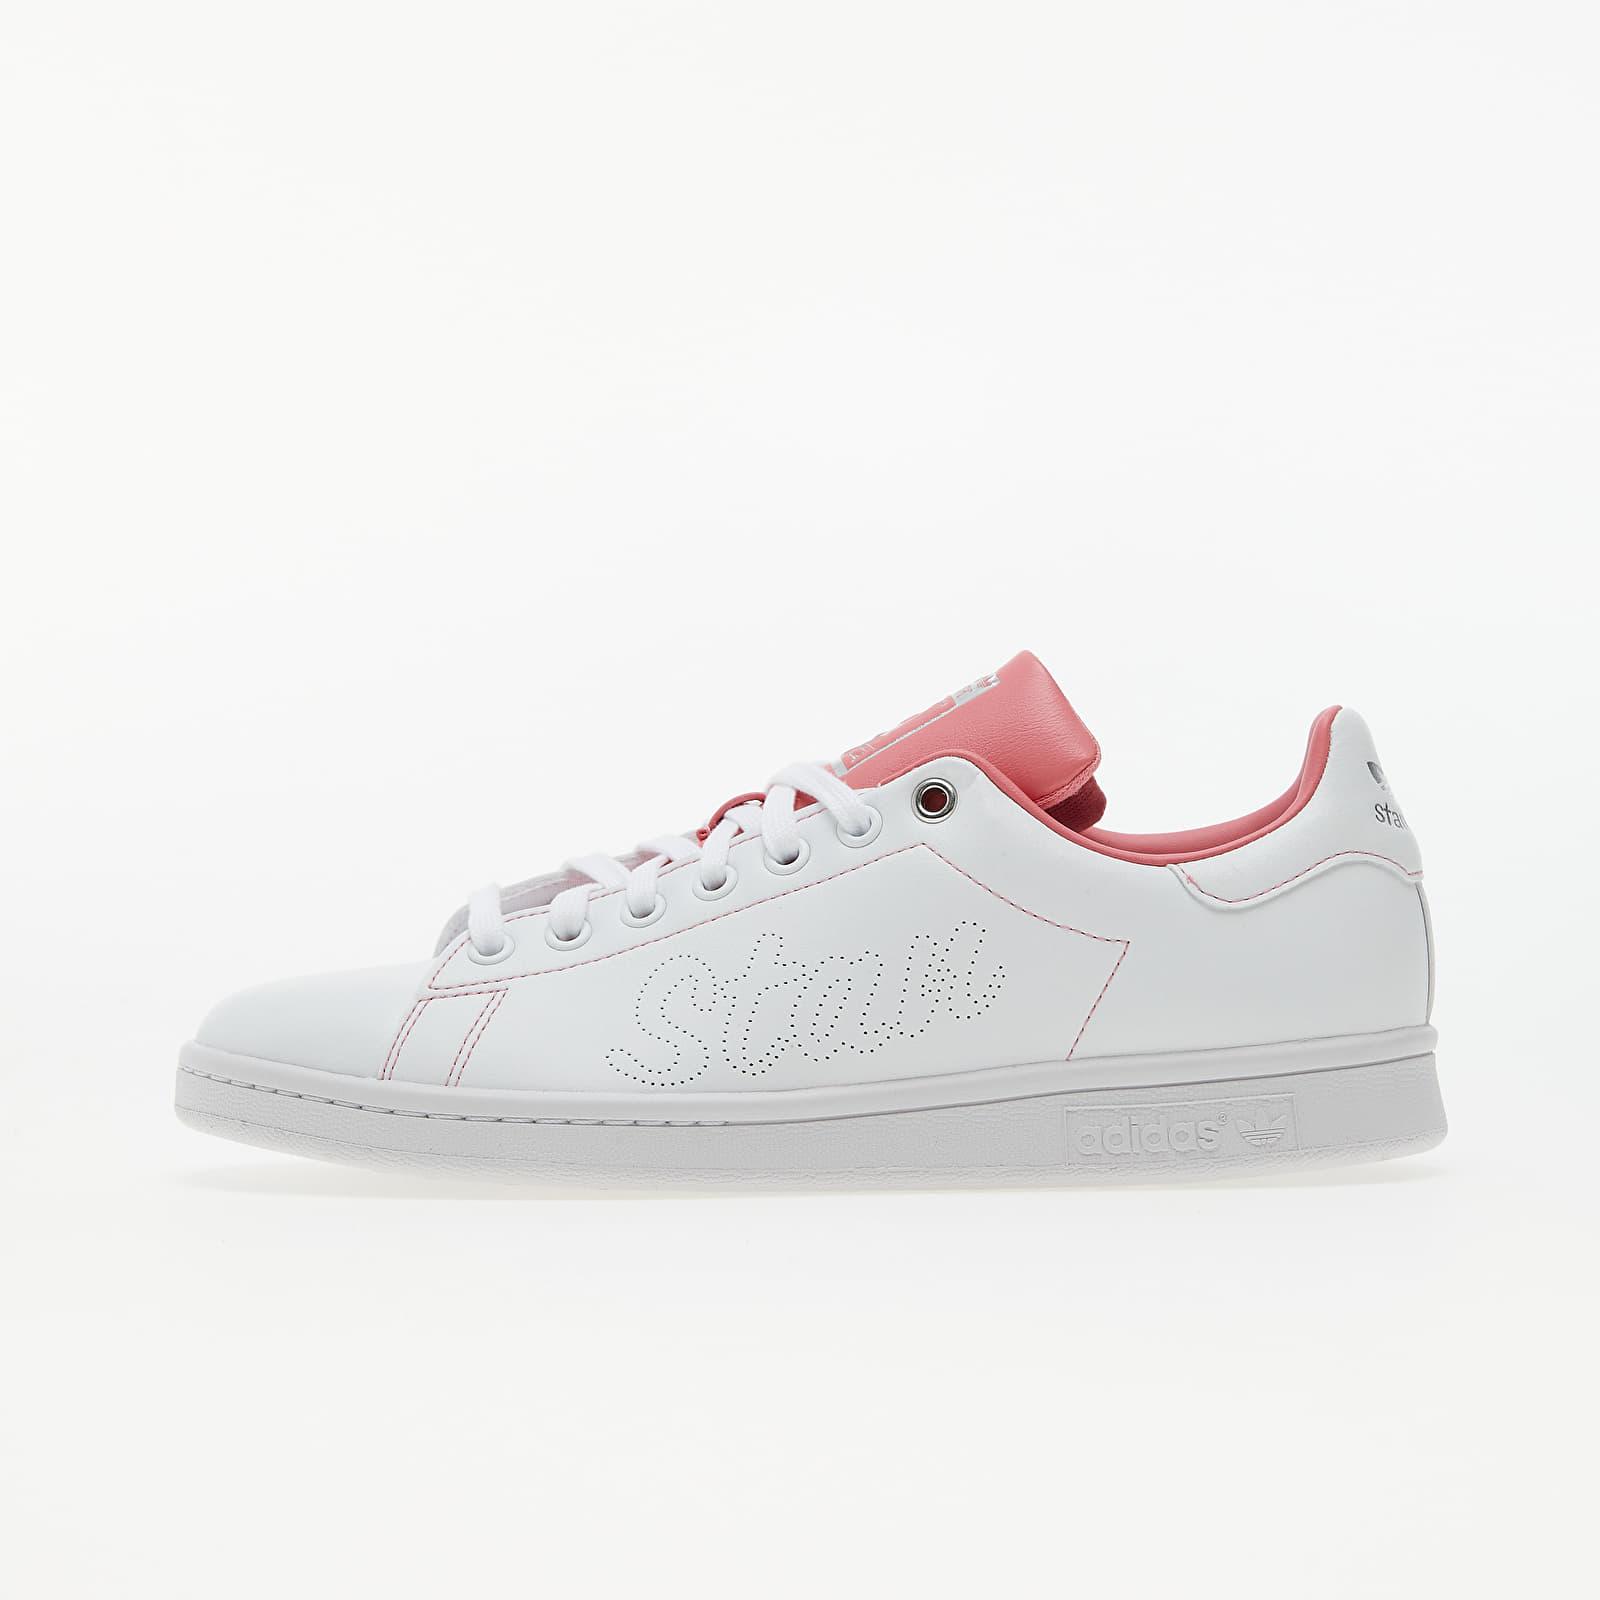 adidas Stan Smith W Ftw White/ Haze Rose/ Silver Metalic EUR 38